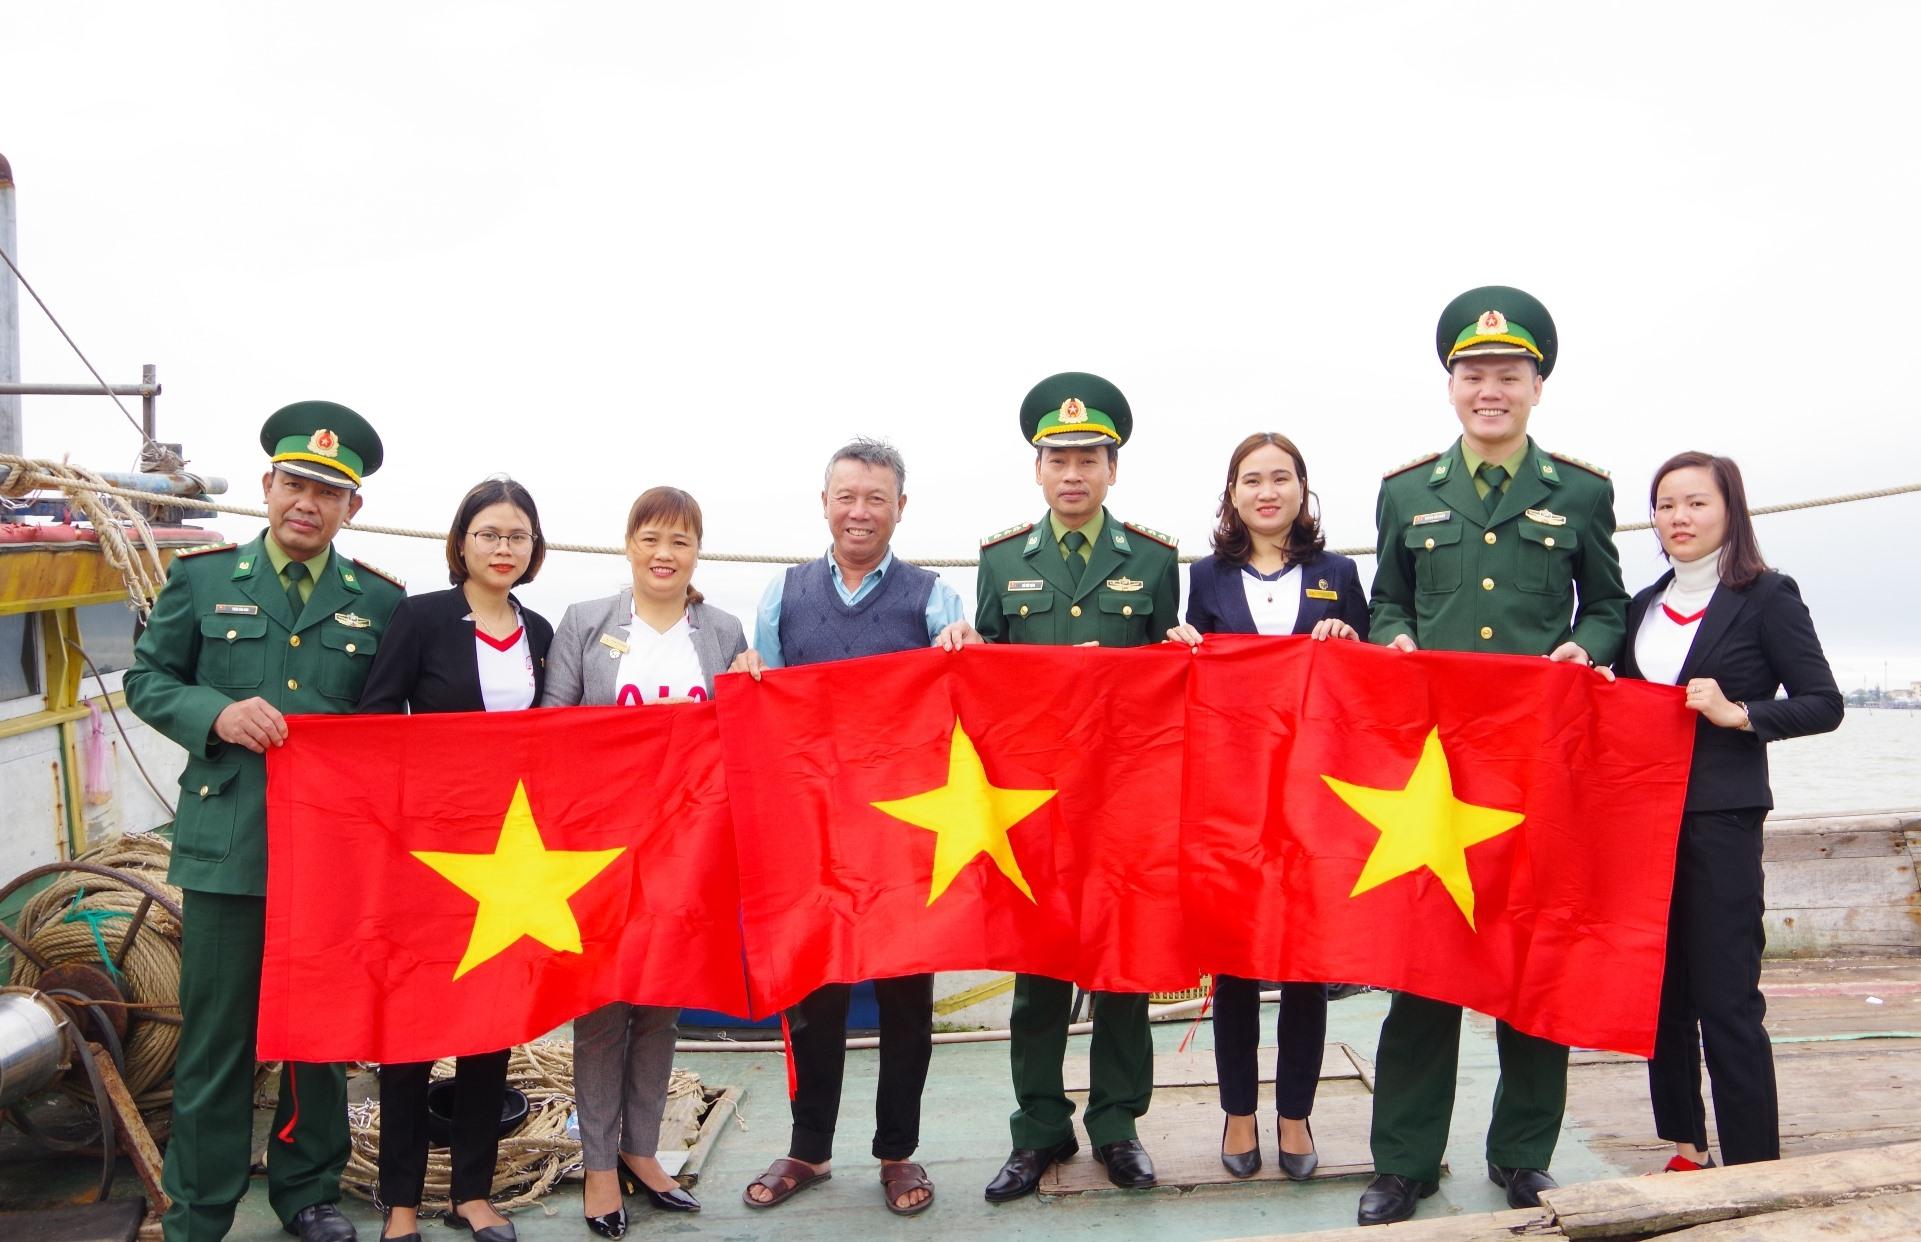 Trao tặng cờ Tổ quốc cho ngư dân đang chuẩn bị vươn khơi đánh bắt dài ngày trên biển của xã Duy Hải.